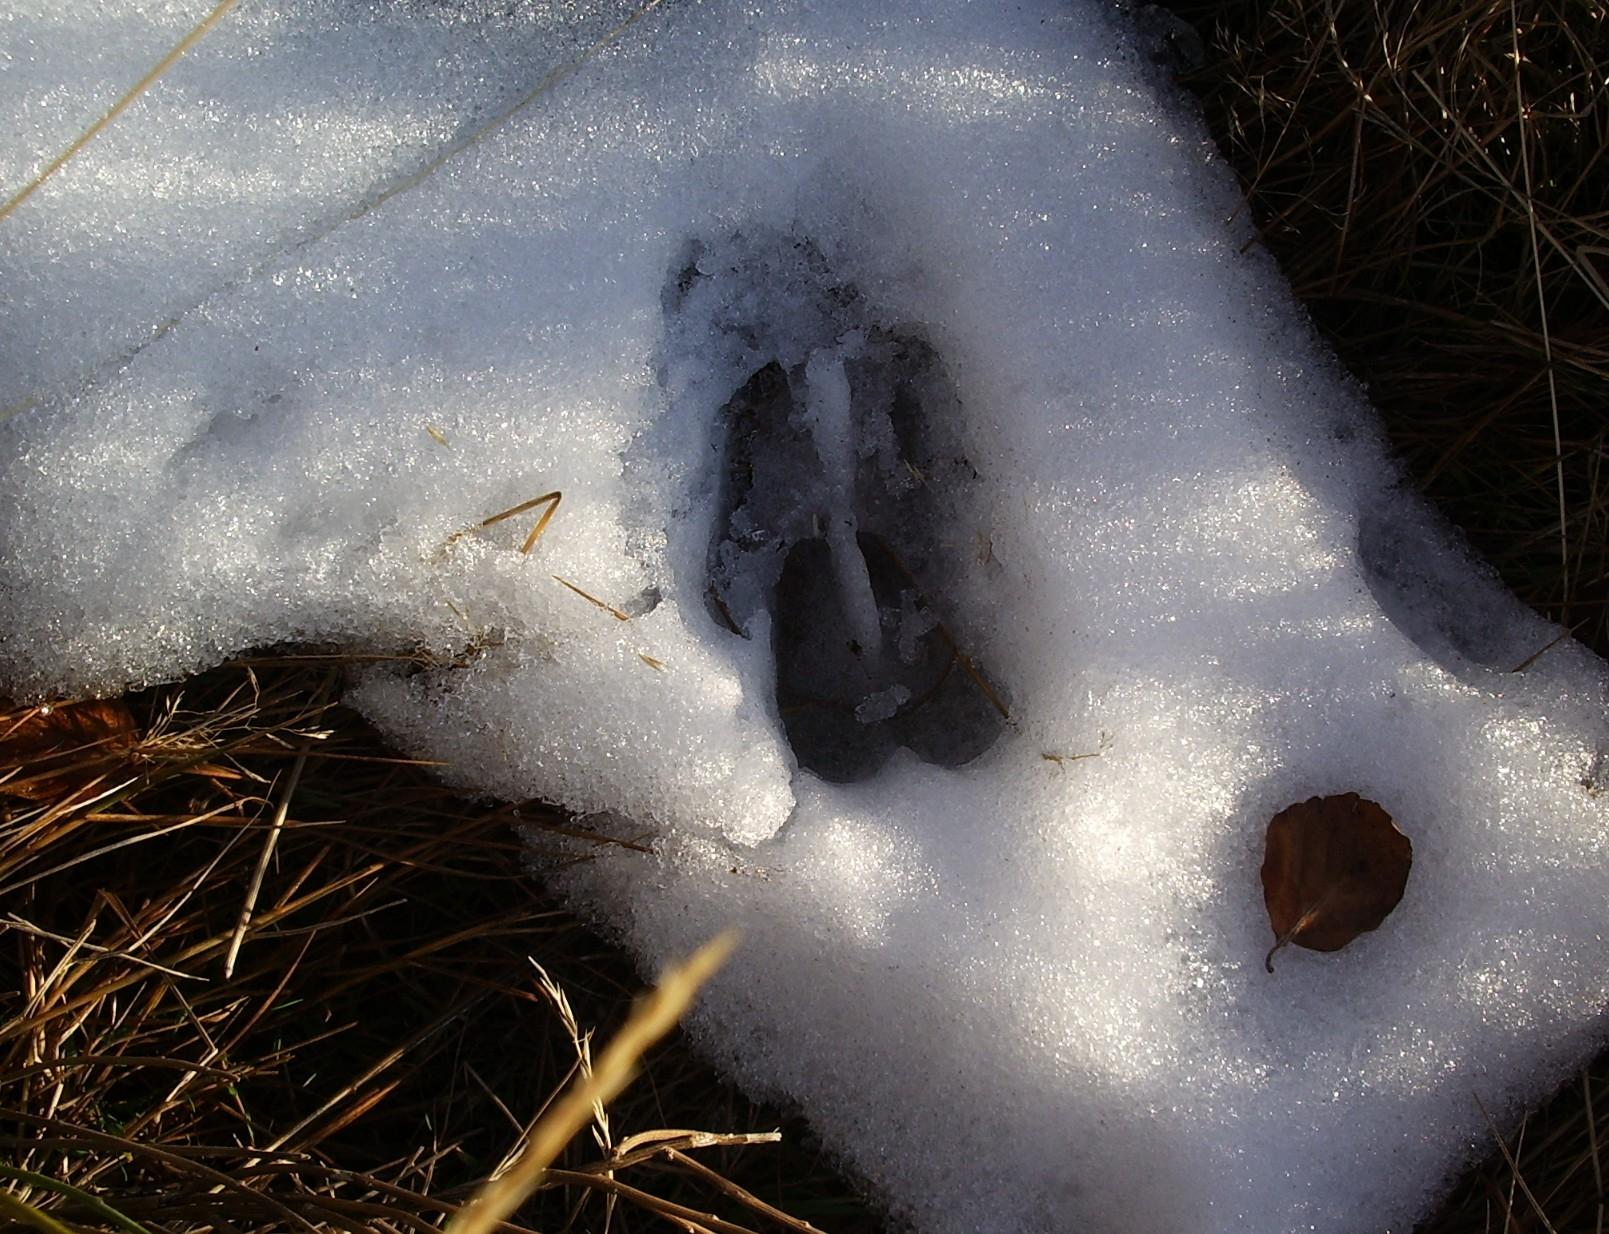 rando-traces-de-mouflon